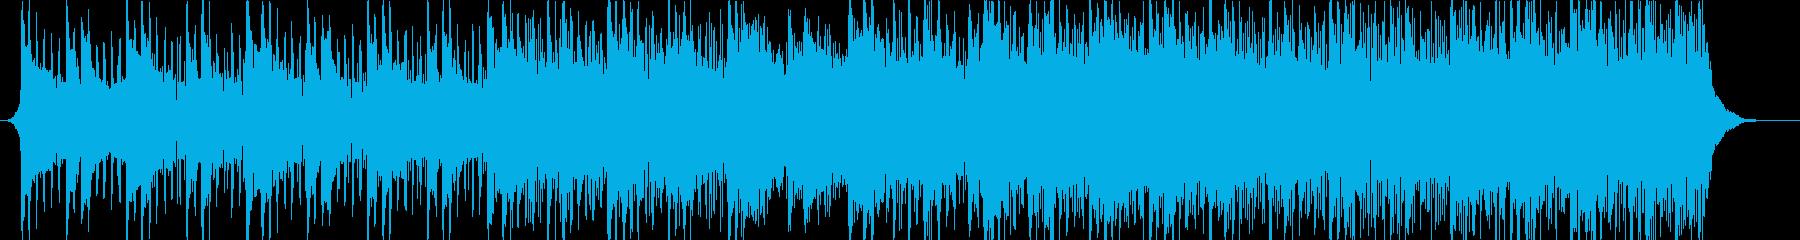 感動的なアンビエントハウスミュージックの再生済みの波形